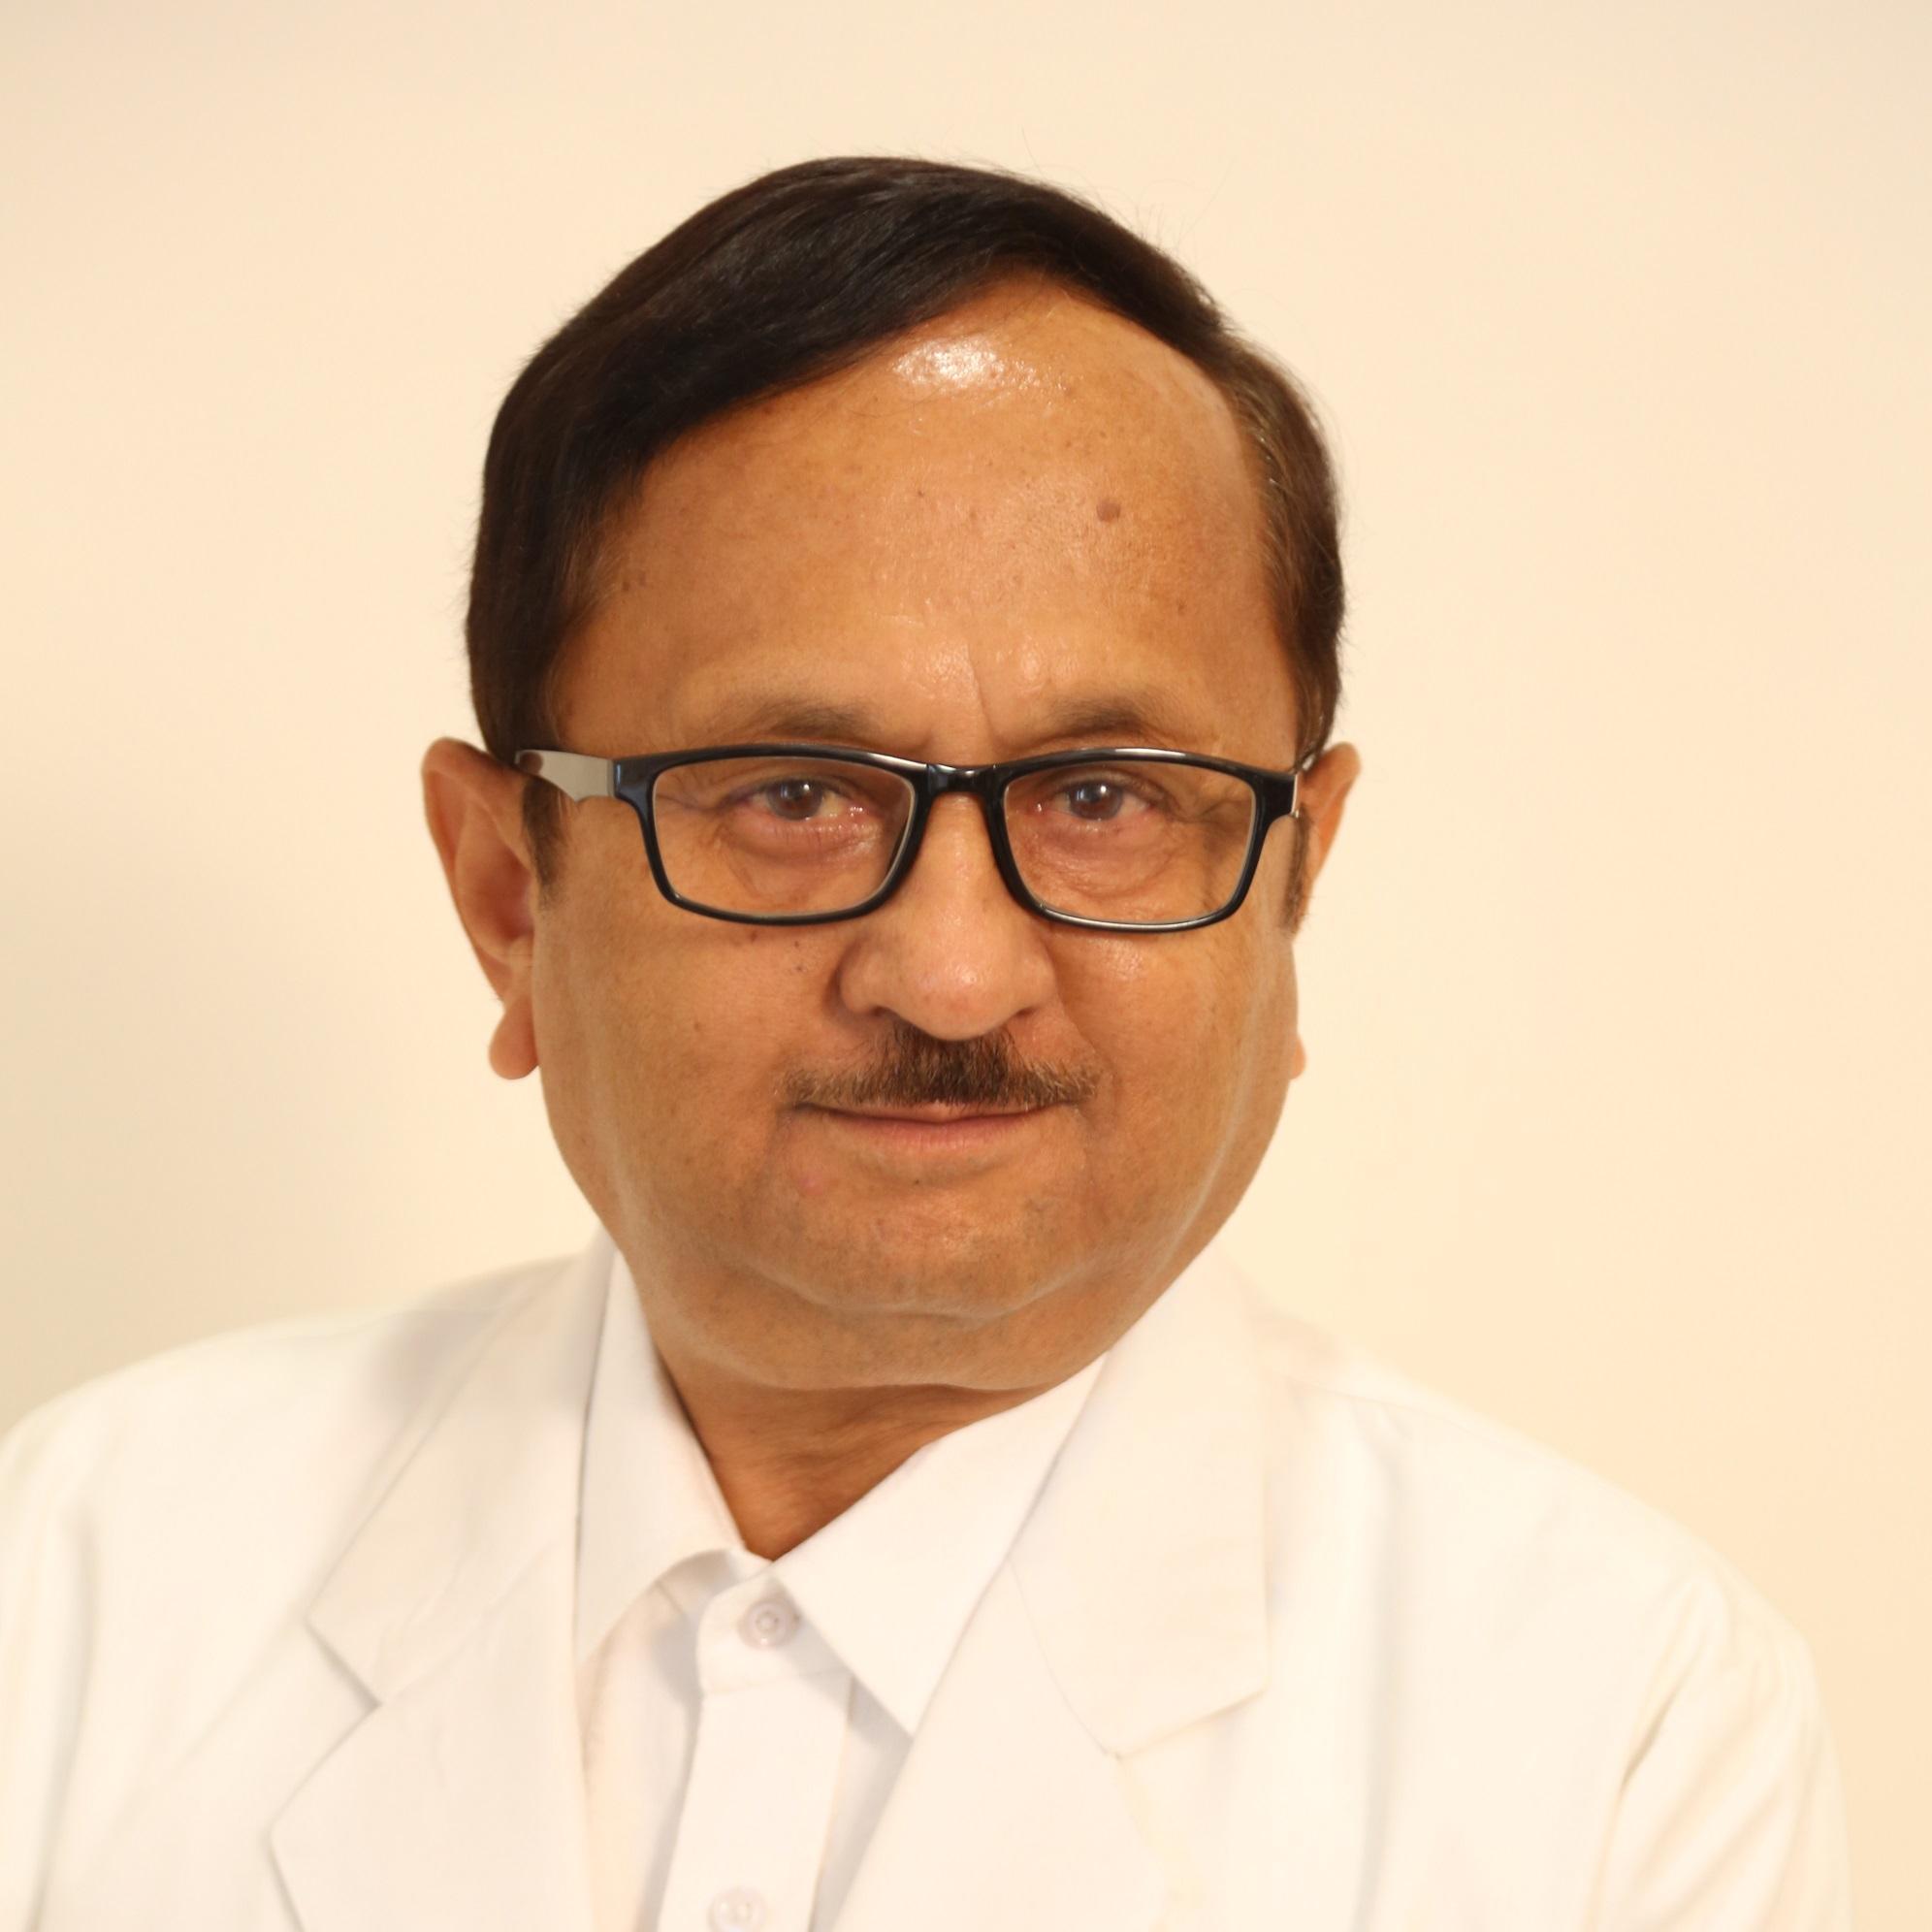 Dr. Vijay Kumar Harjai Support Specialties | Internal Medicine | General Physician Fortis Hospital, Mohali